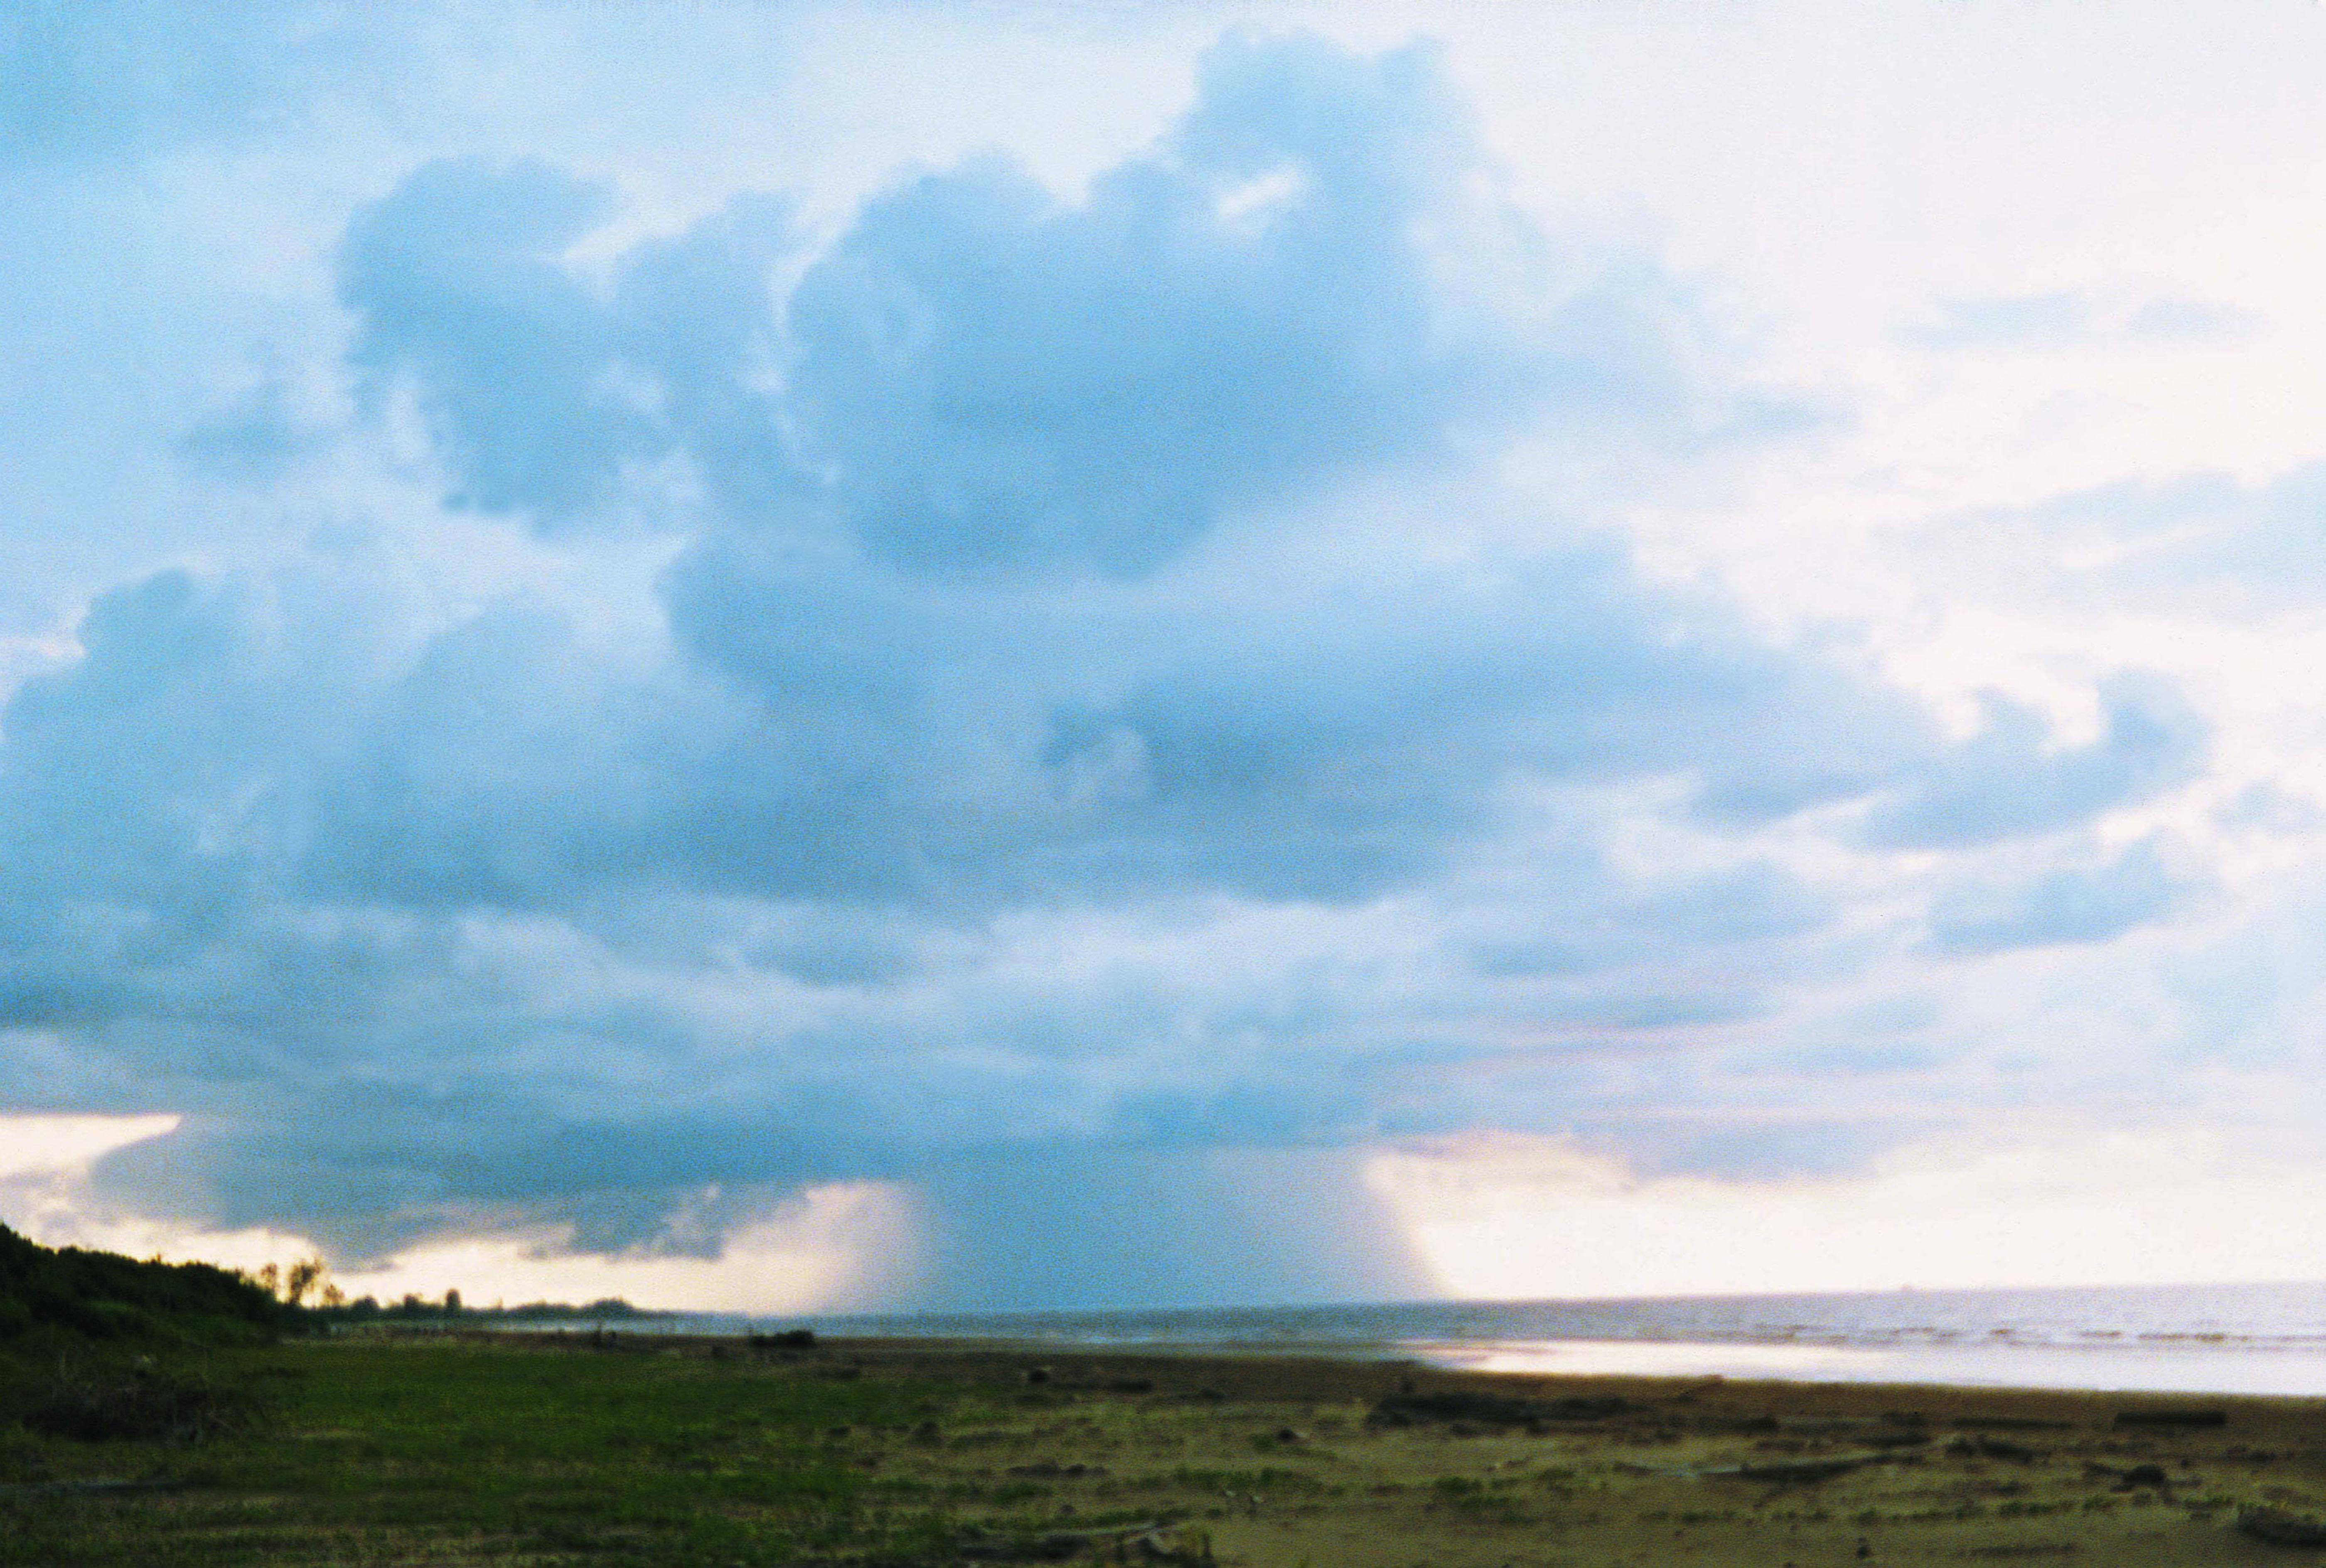 Tornado cloud